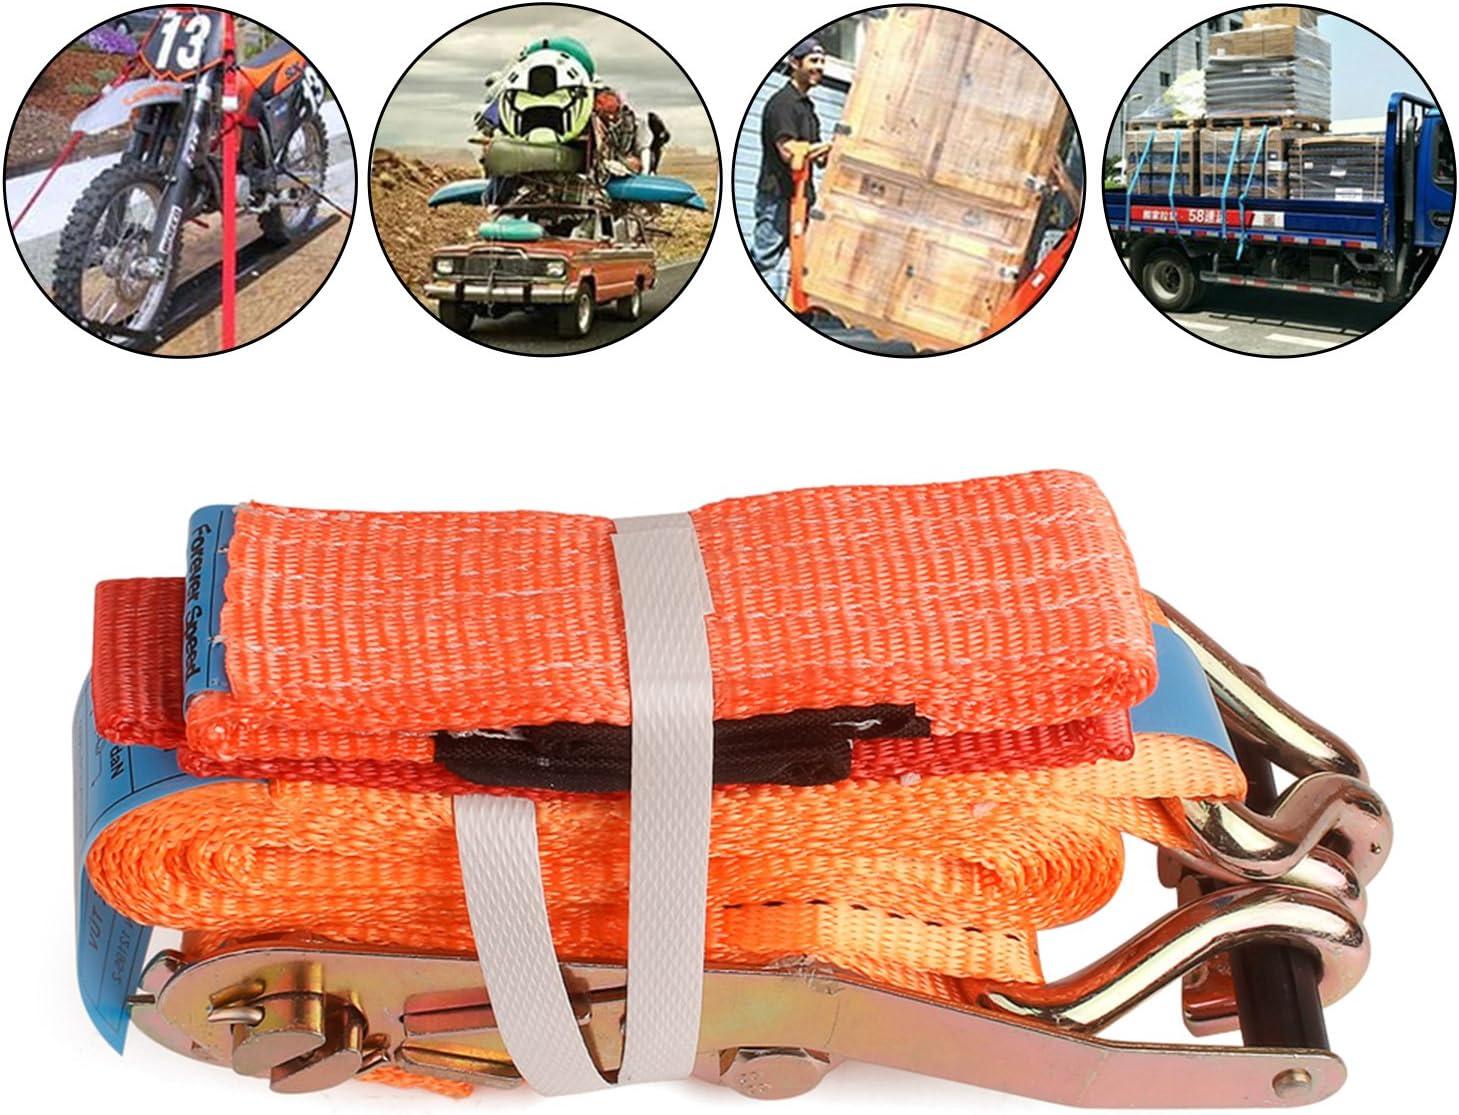 Sangle de Serrage /à cliquet avec cliquet Orange everfarel 4X Sangles Voiture Transport 2500//5000 daN 2.8 M 50 mm